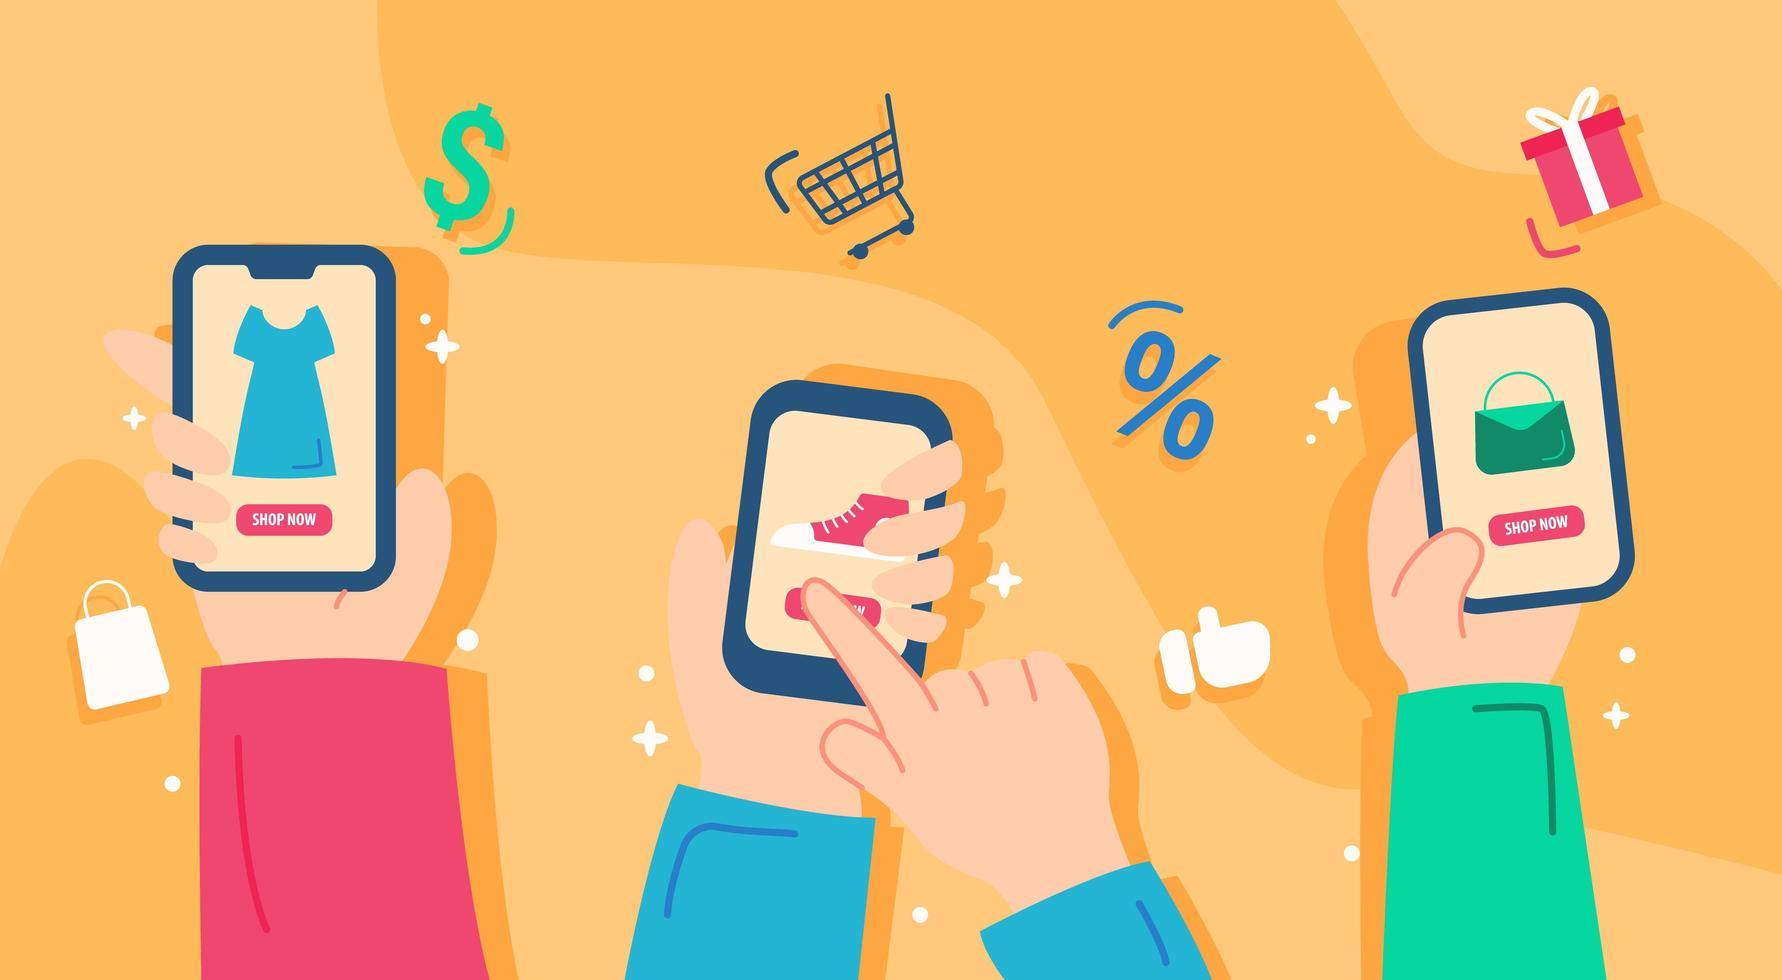 e-commerce ontwerp van smartphonetechnologie vector